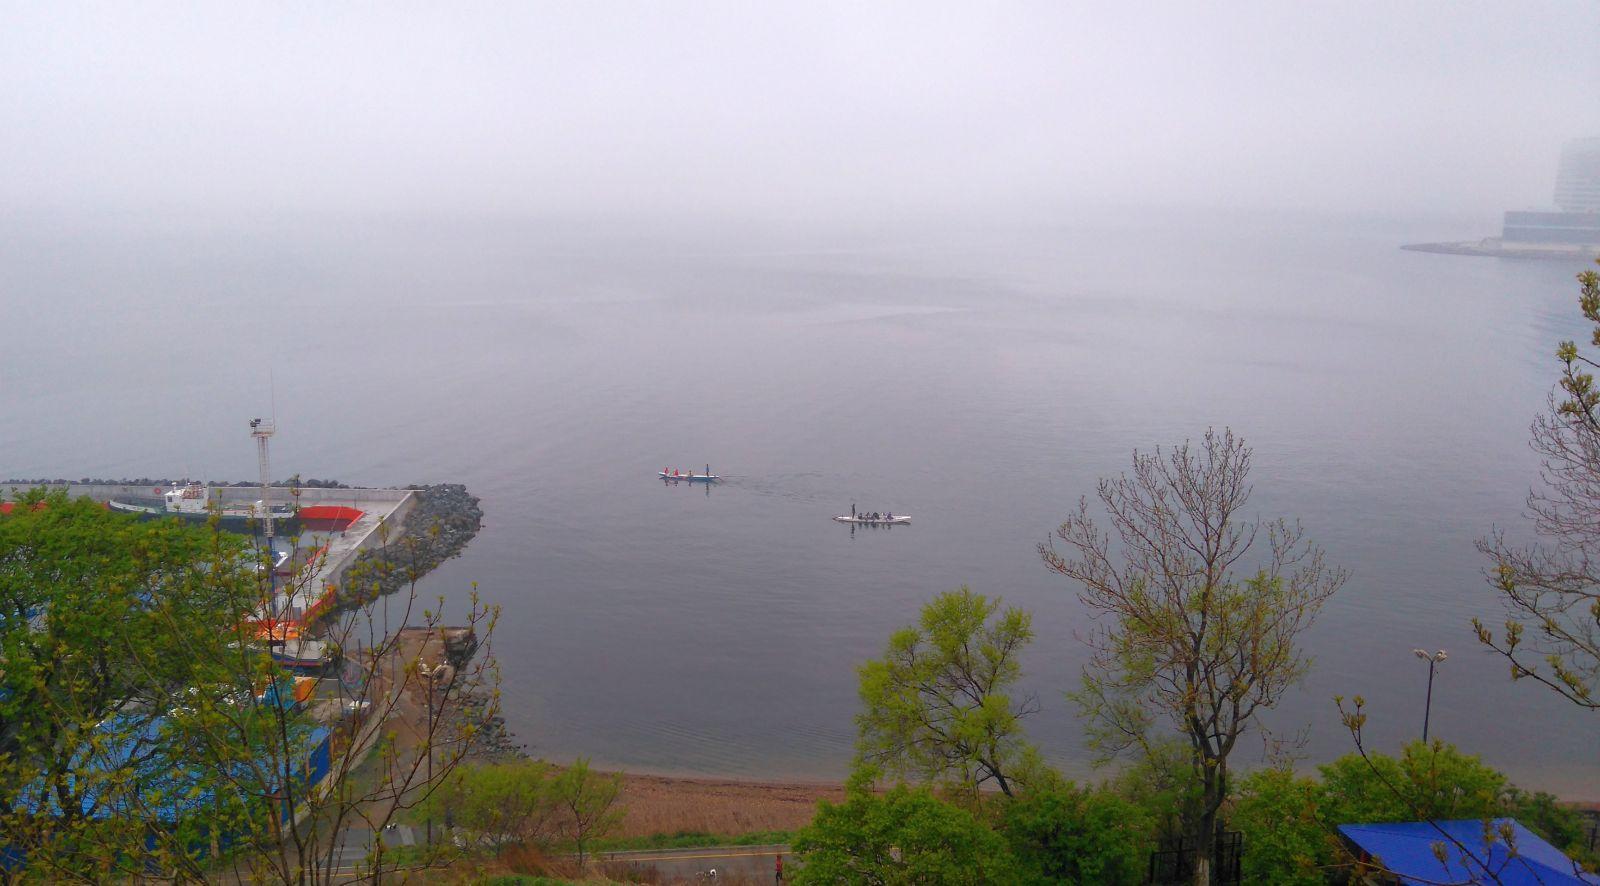 утро при юго-восточном ветре